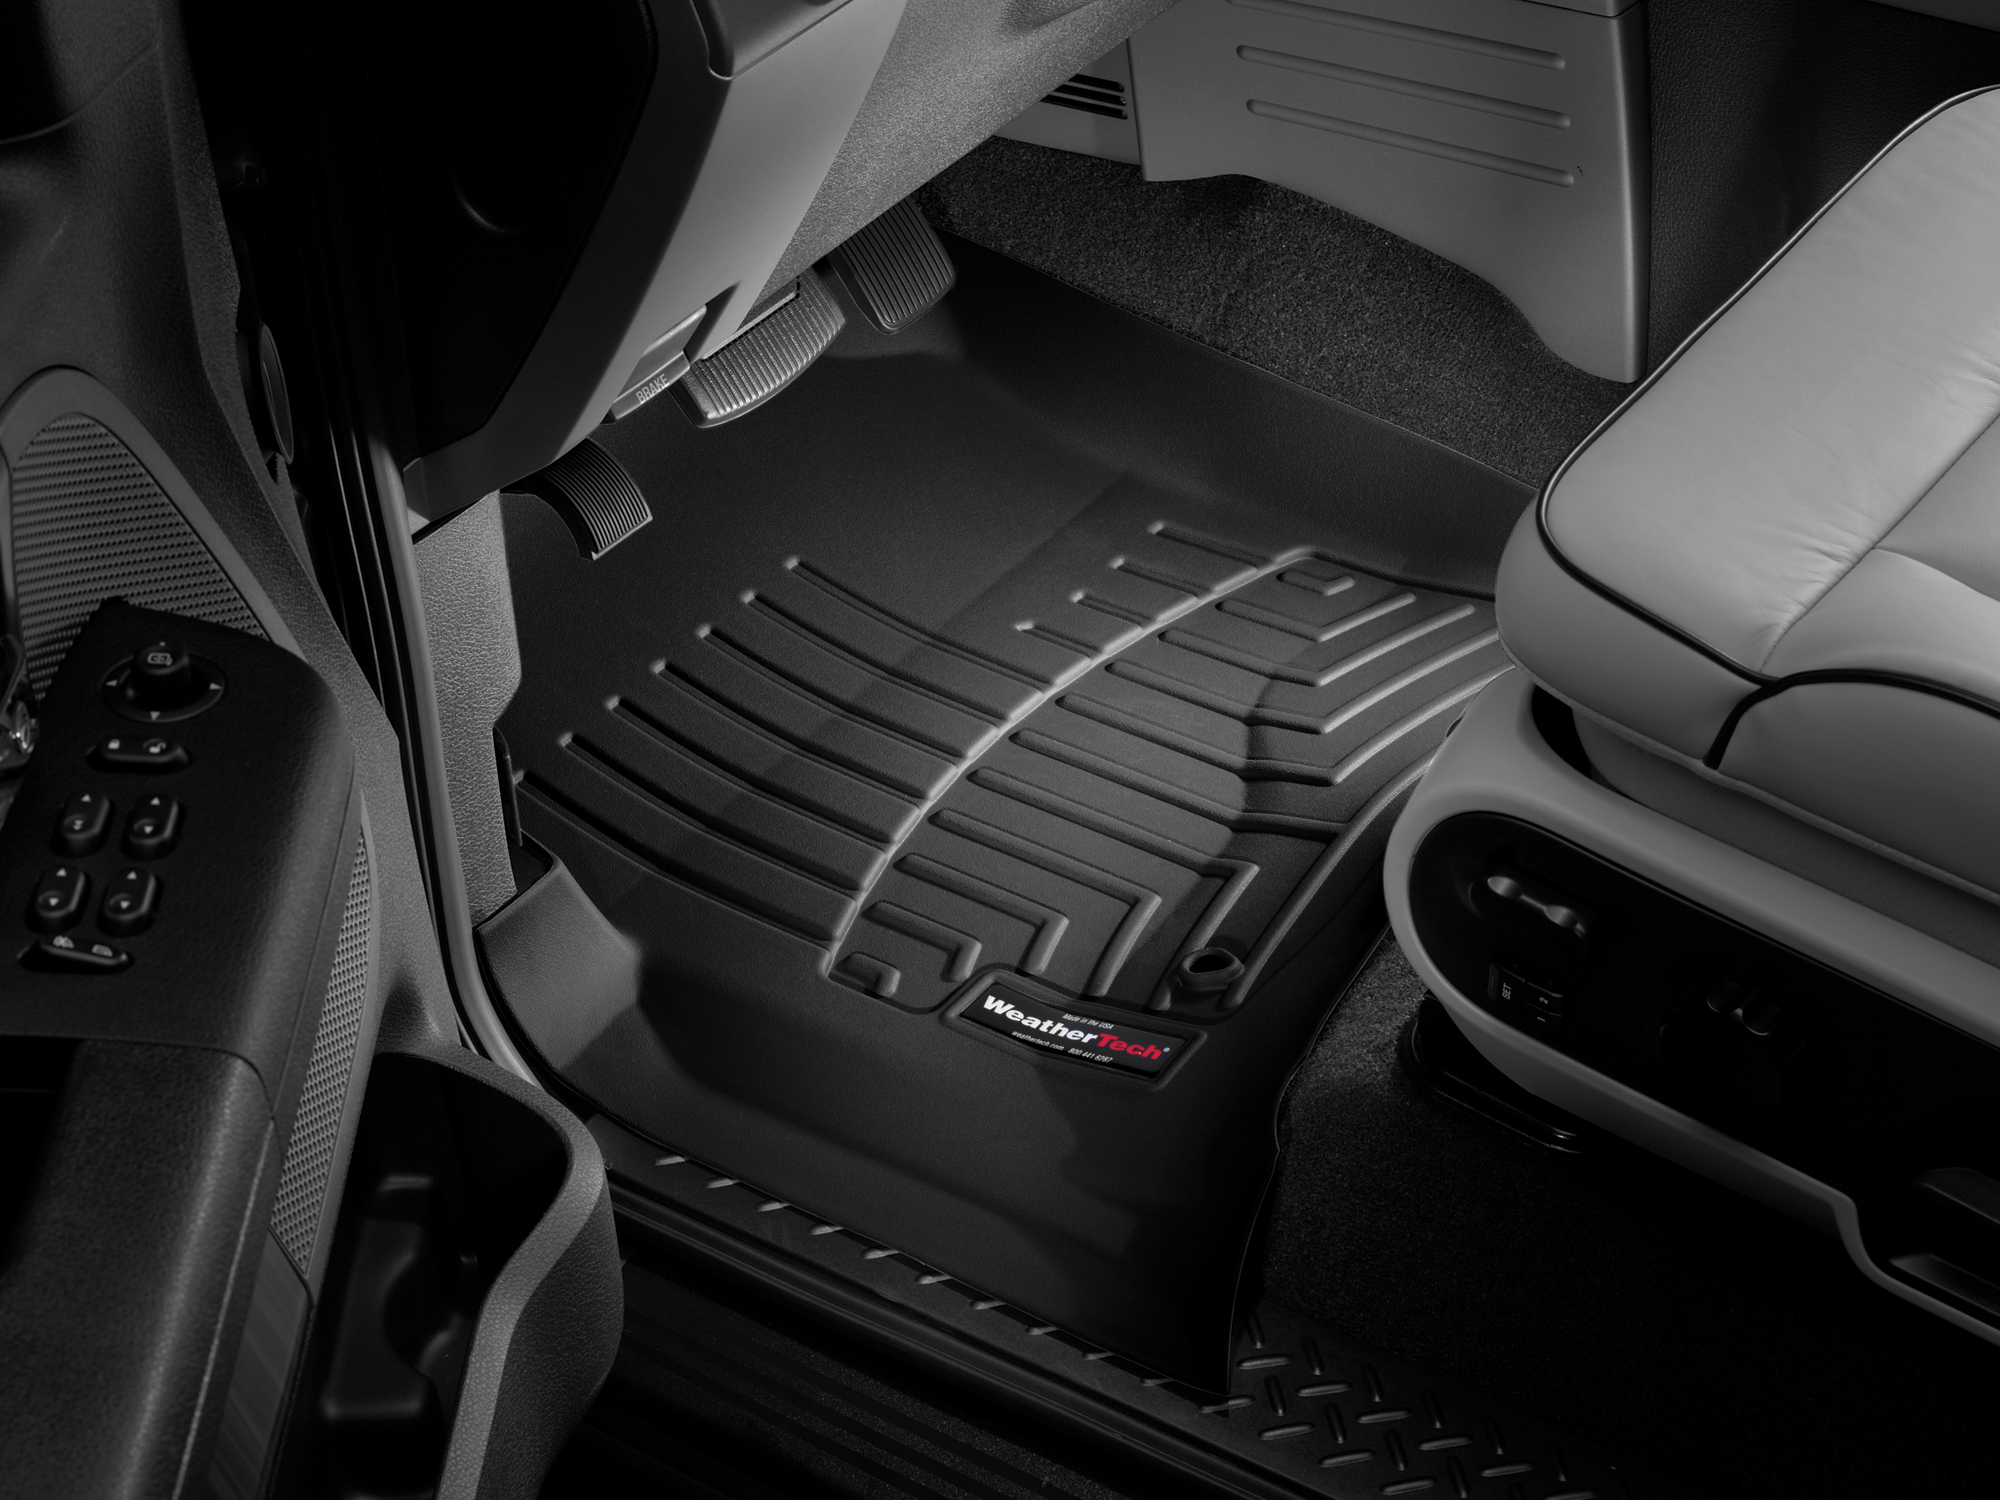 Tappeti gomma su misura bordo alto Ford F-150 04>04 Nero A885*